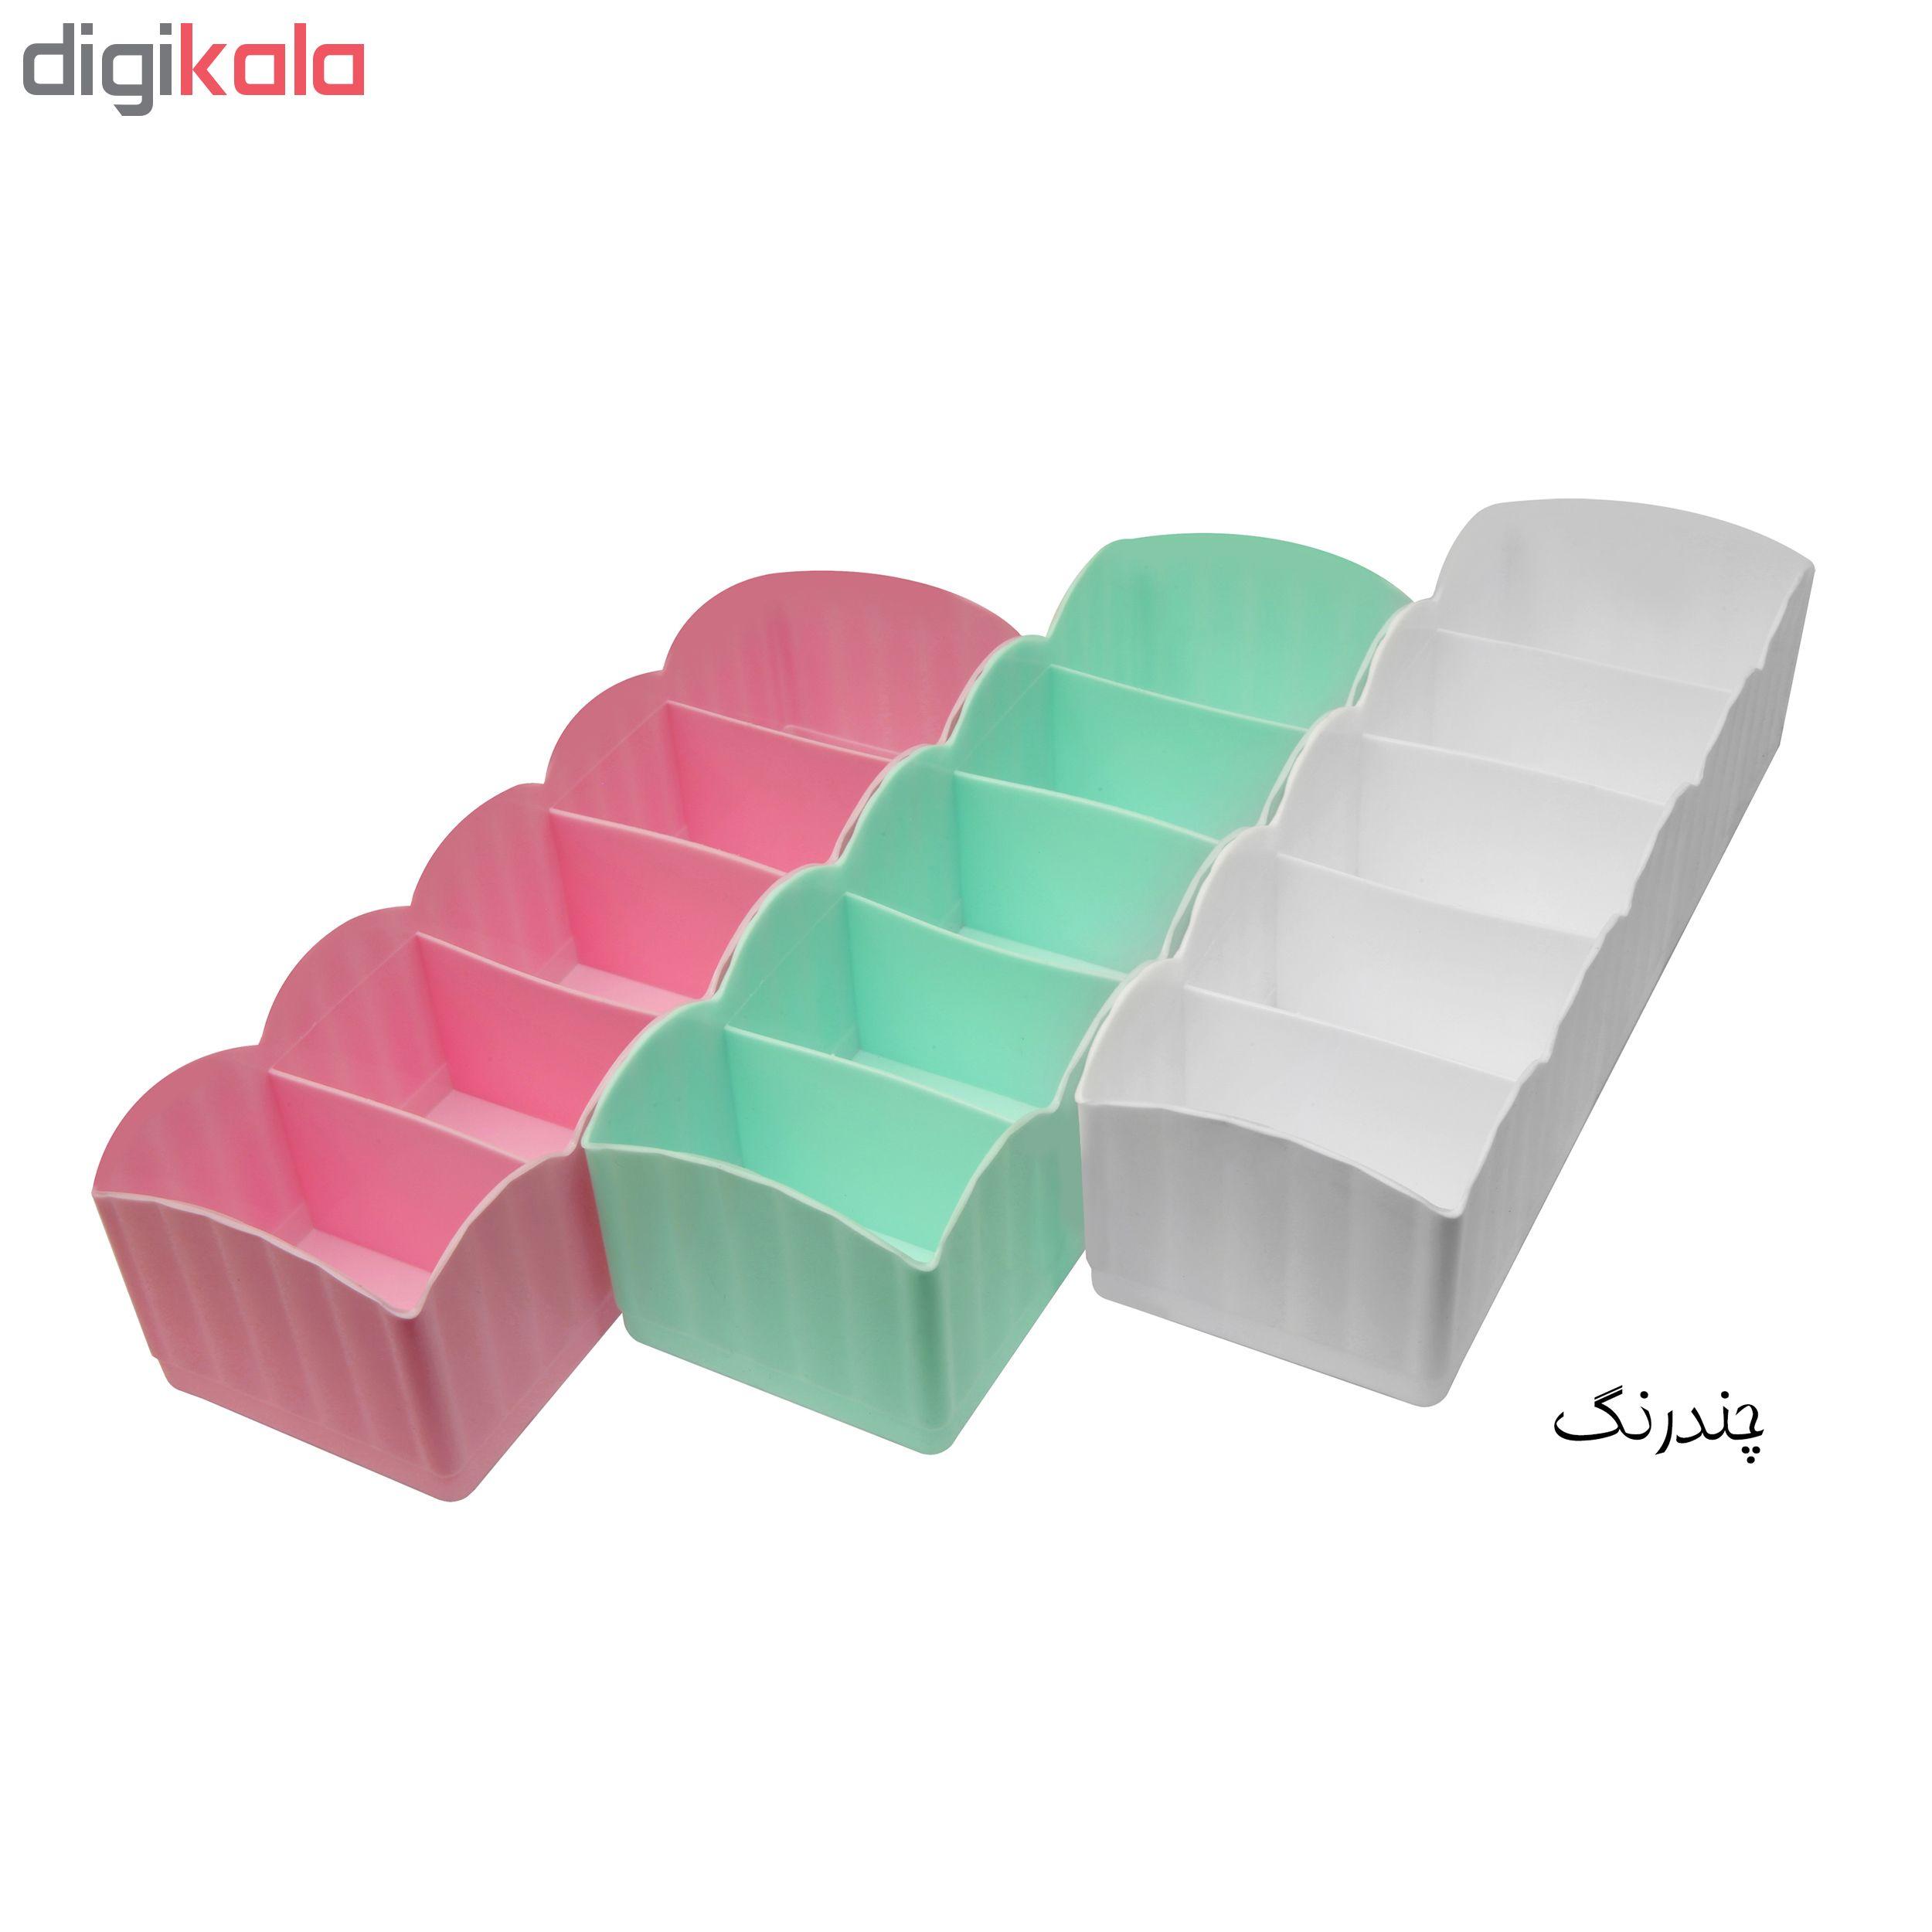 نظم دهنده کشو مدل Colorful بسته 3 عددی main 1 11